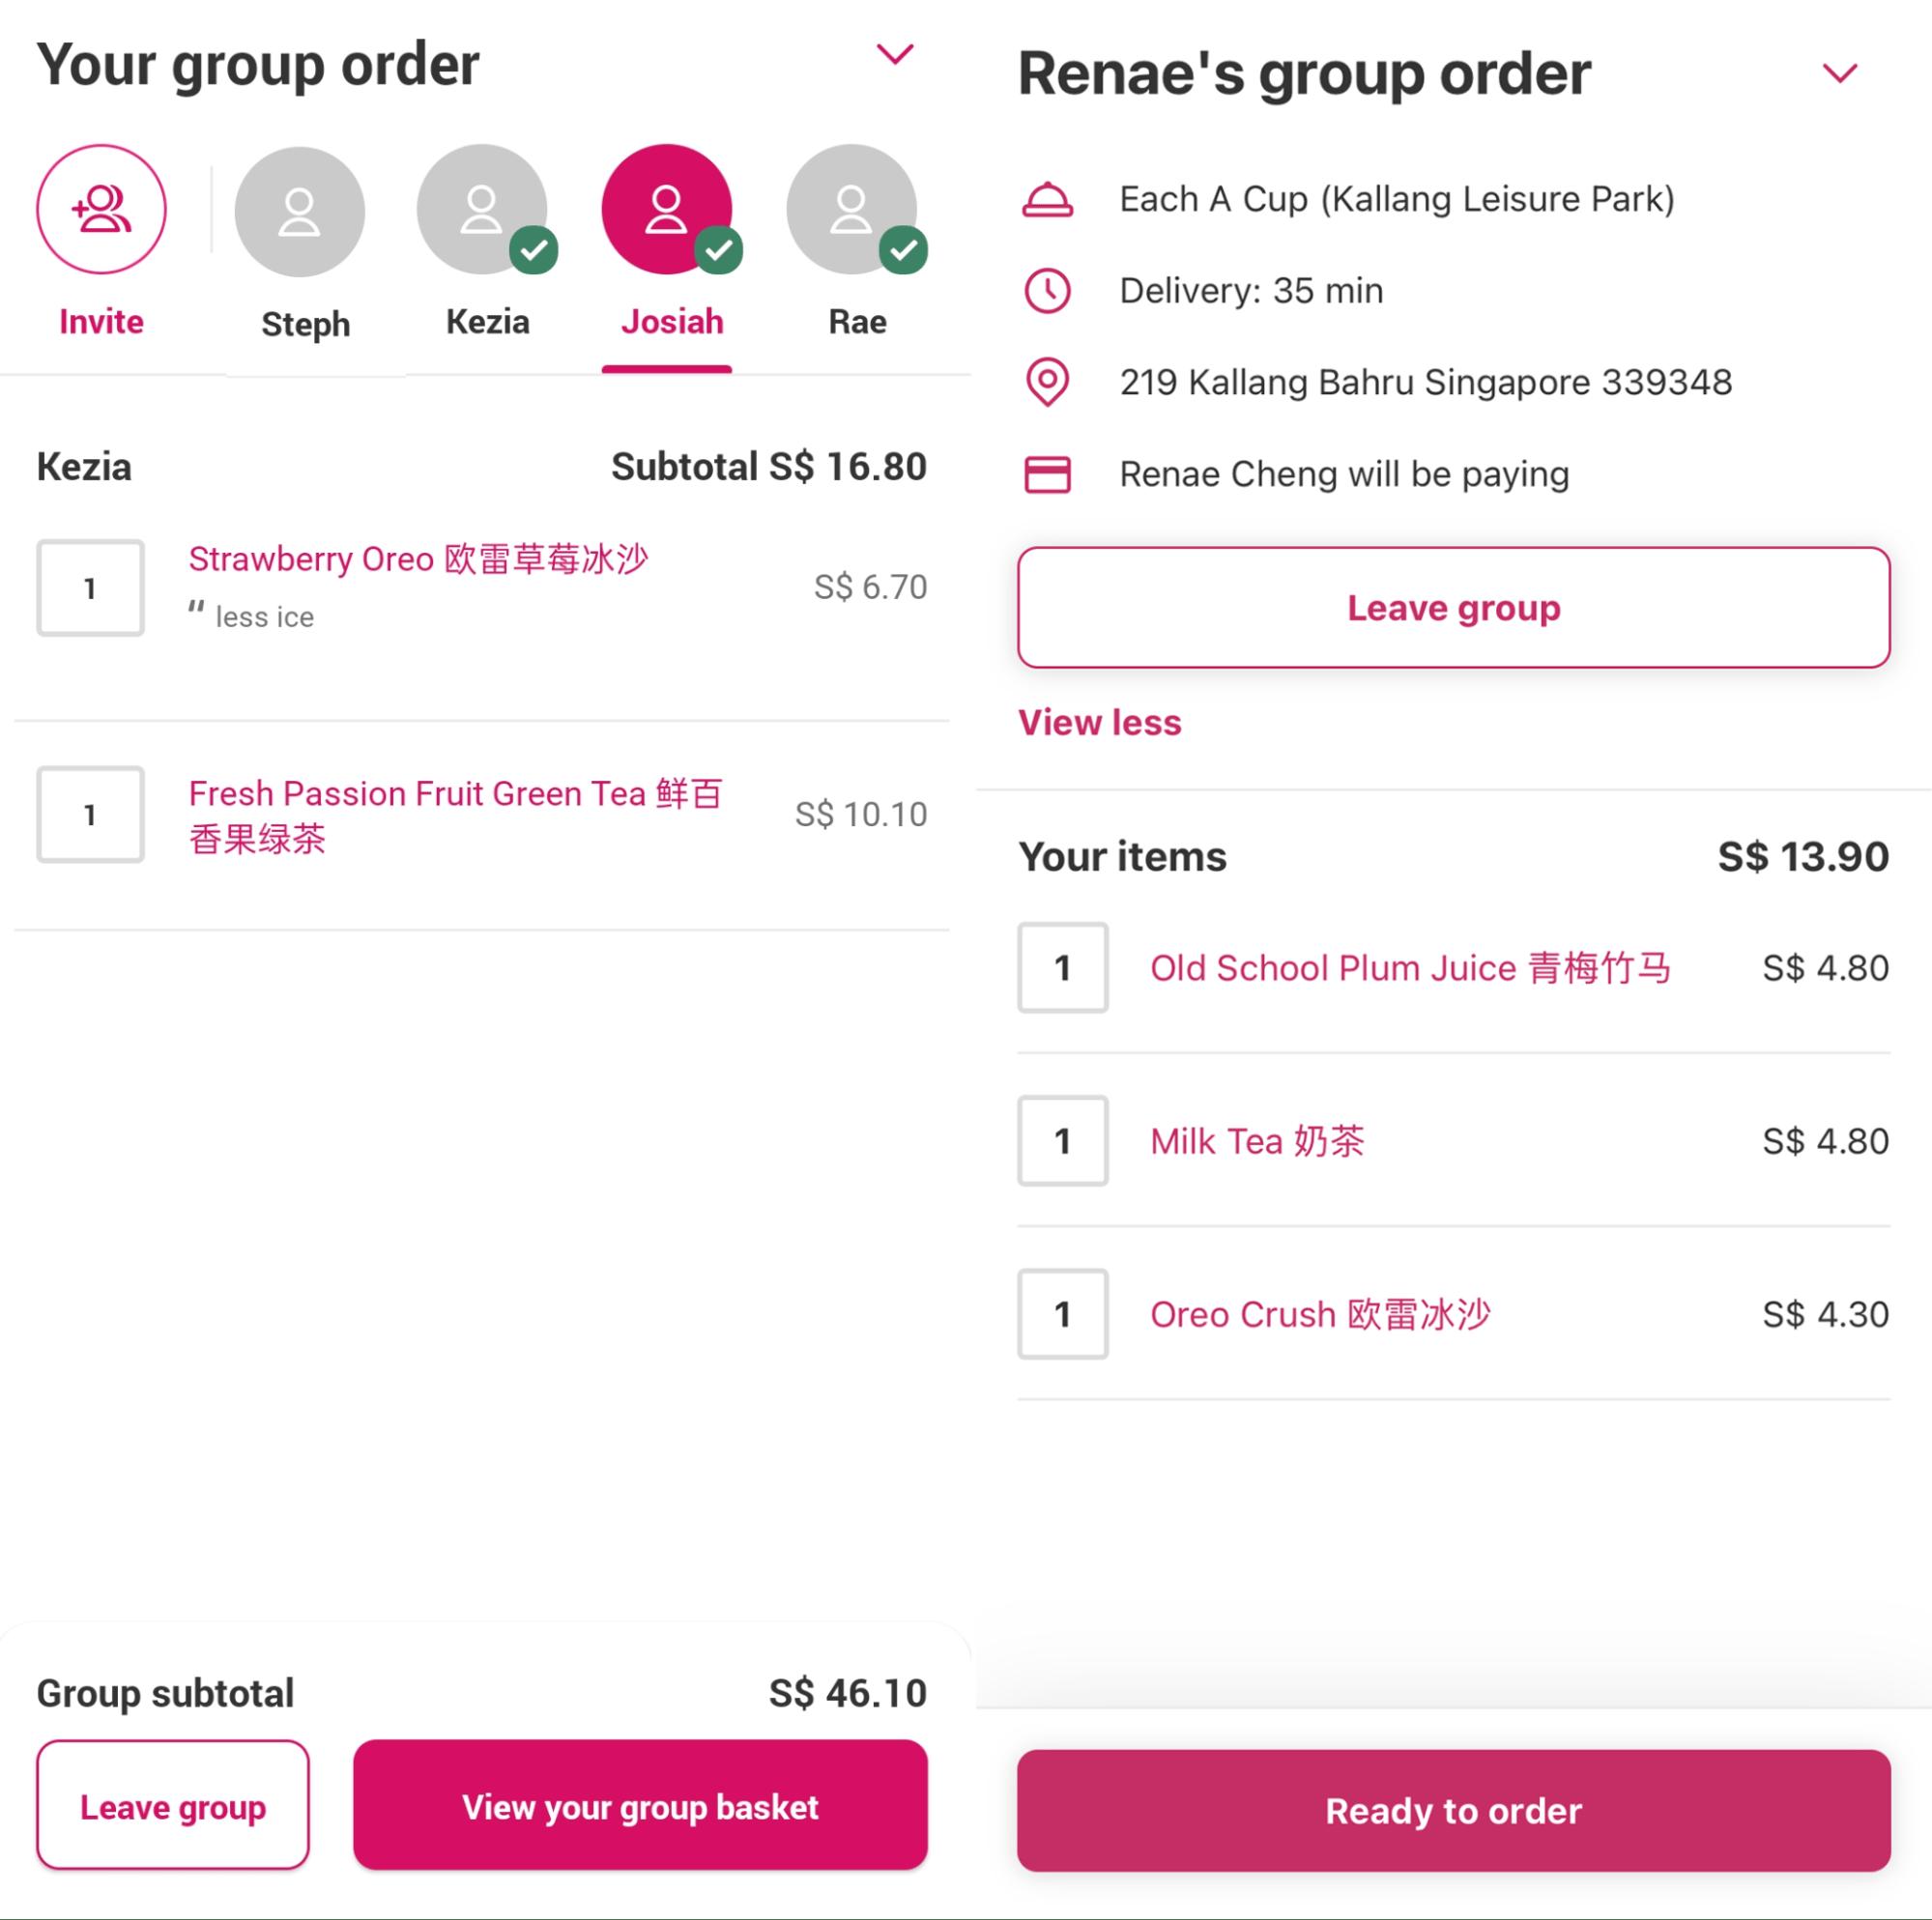 foodpanda hacks - group order food delivery